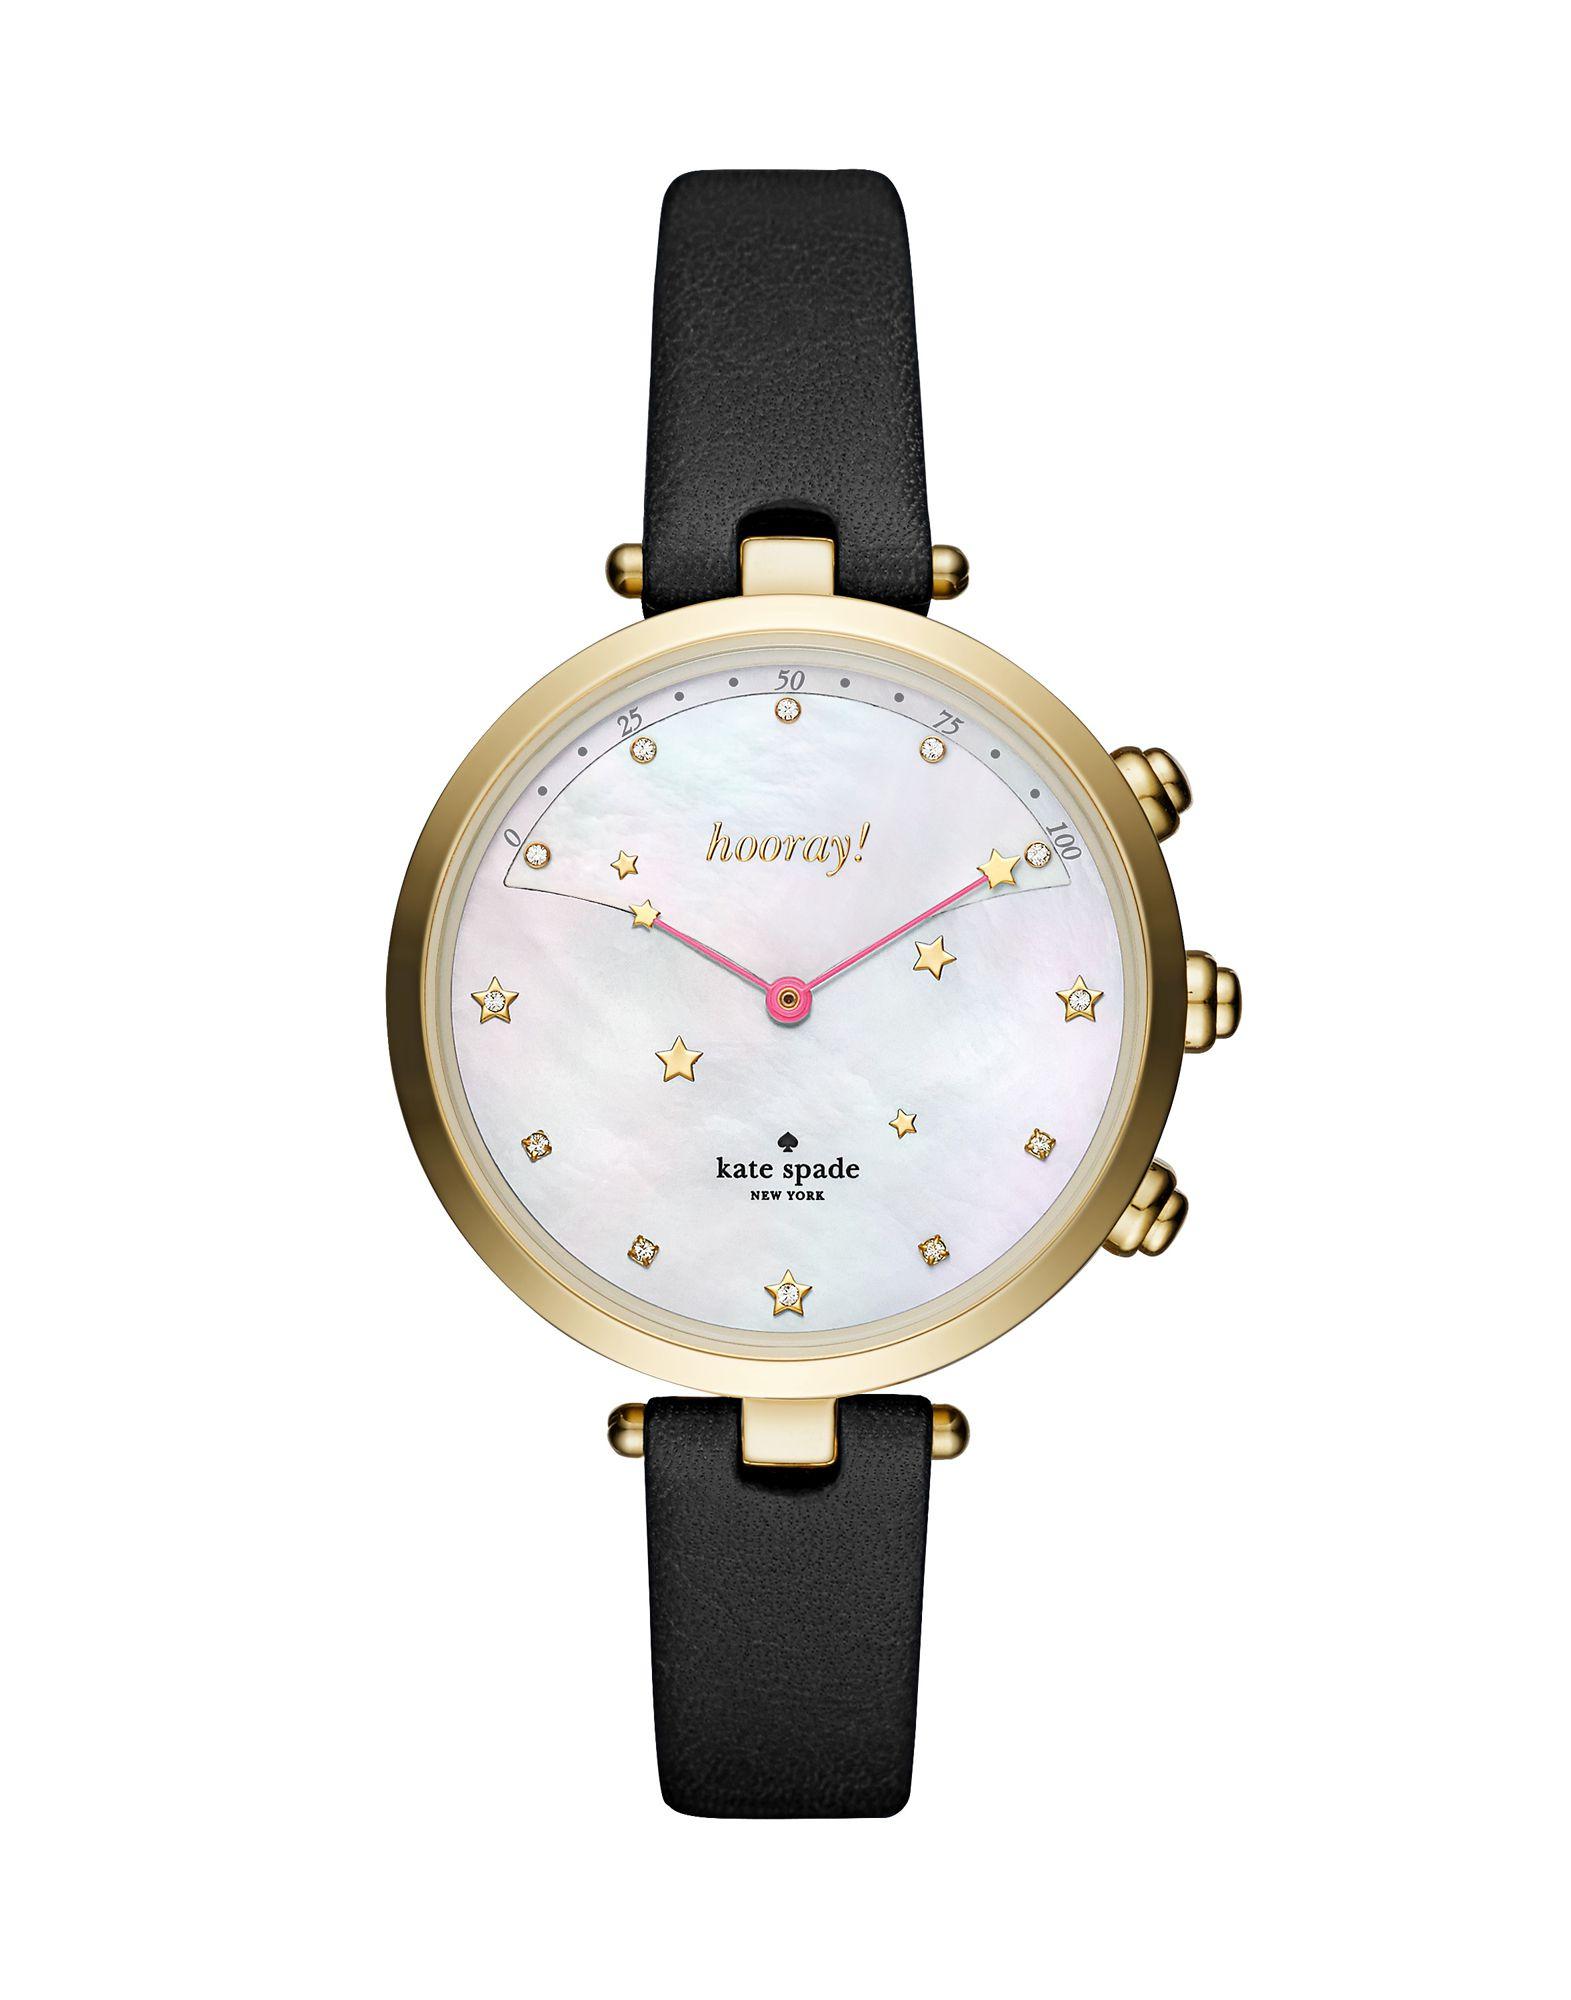 KATE SPADE New York Damen Smartwatch Farbe Schwarz Größe 1 - broschei